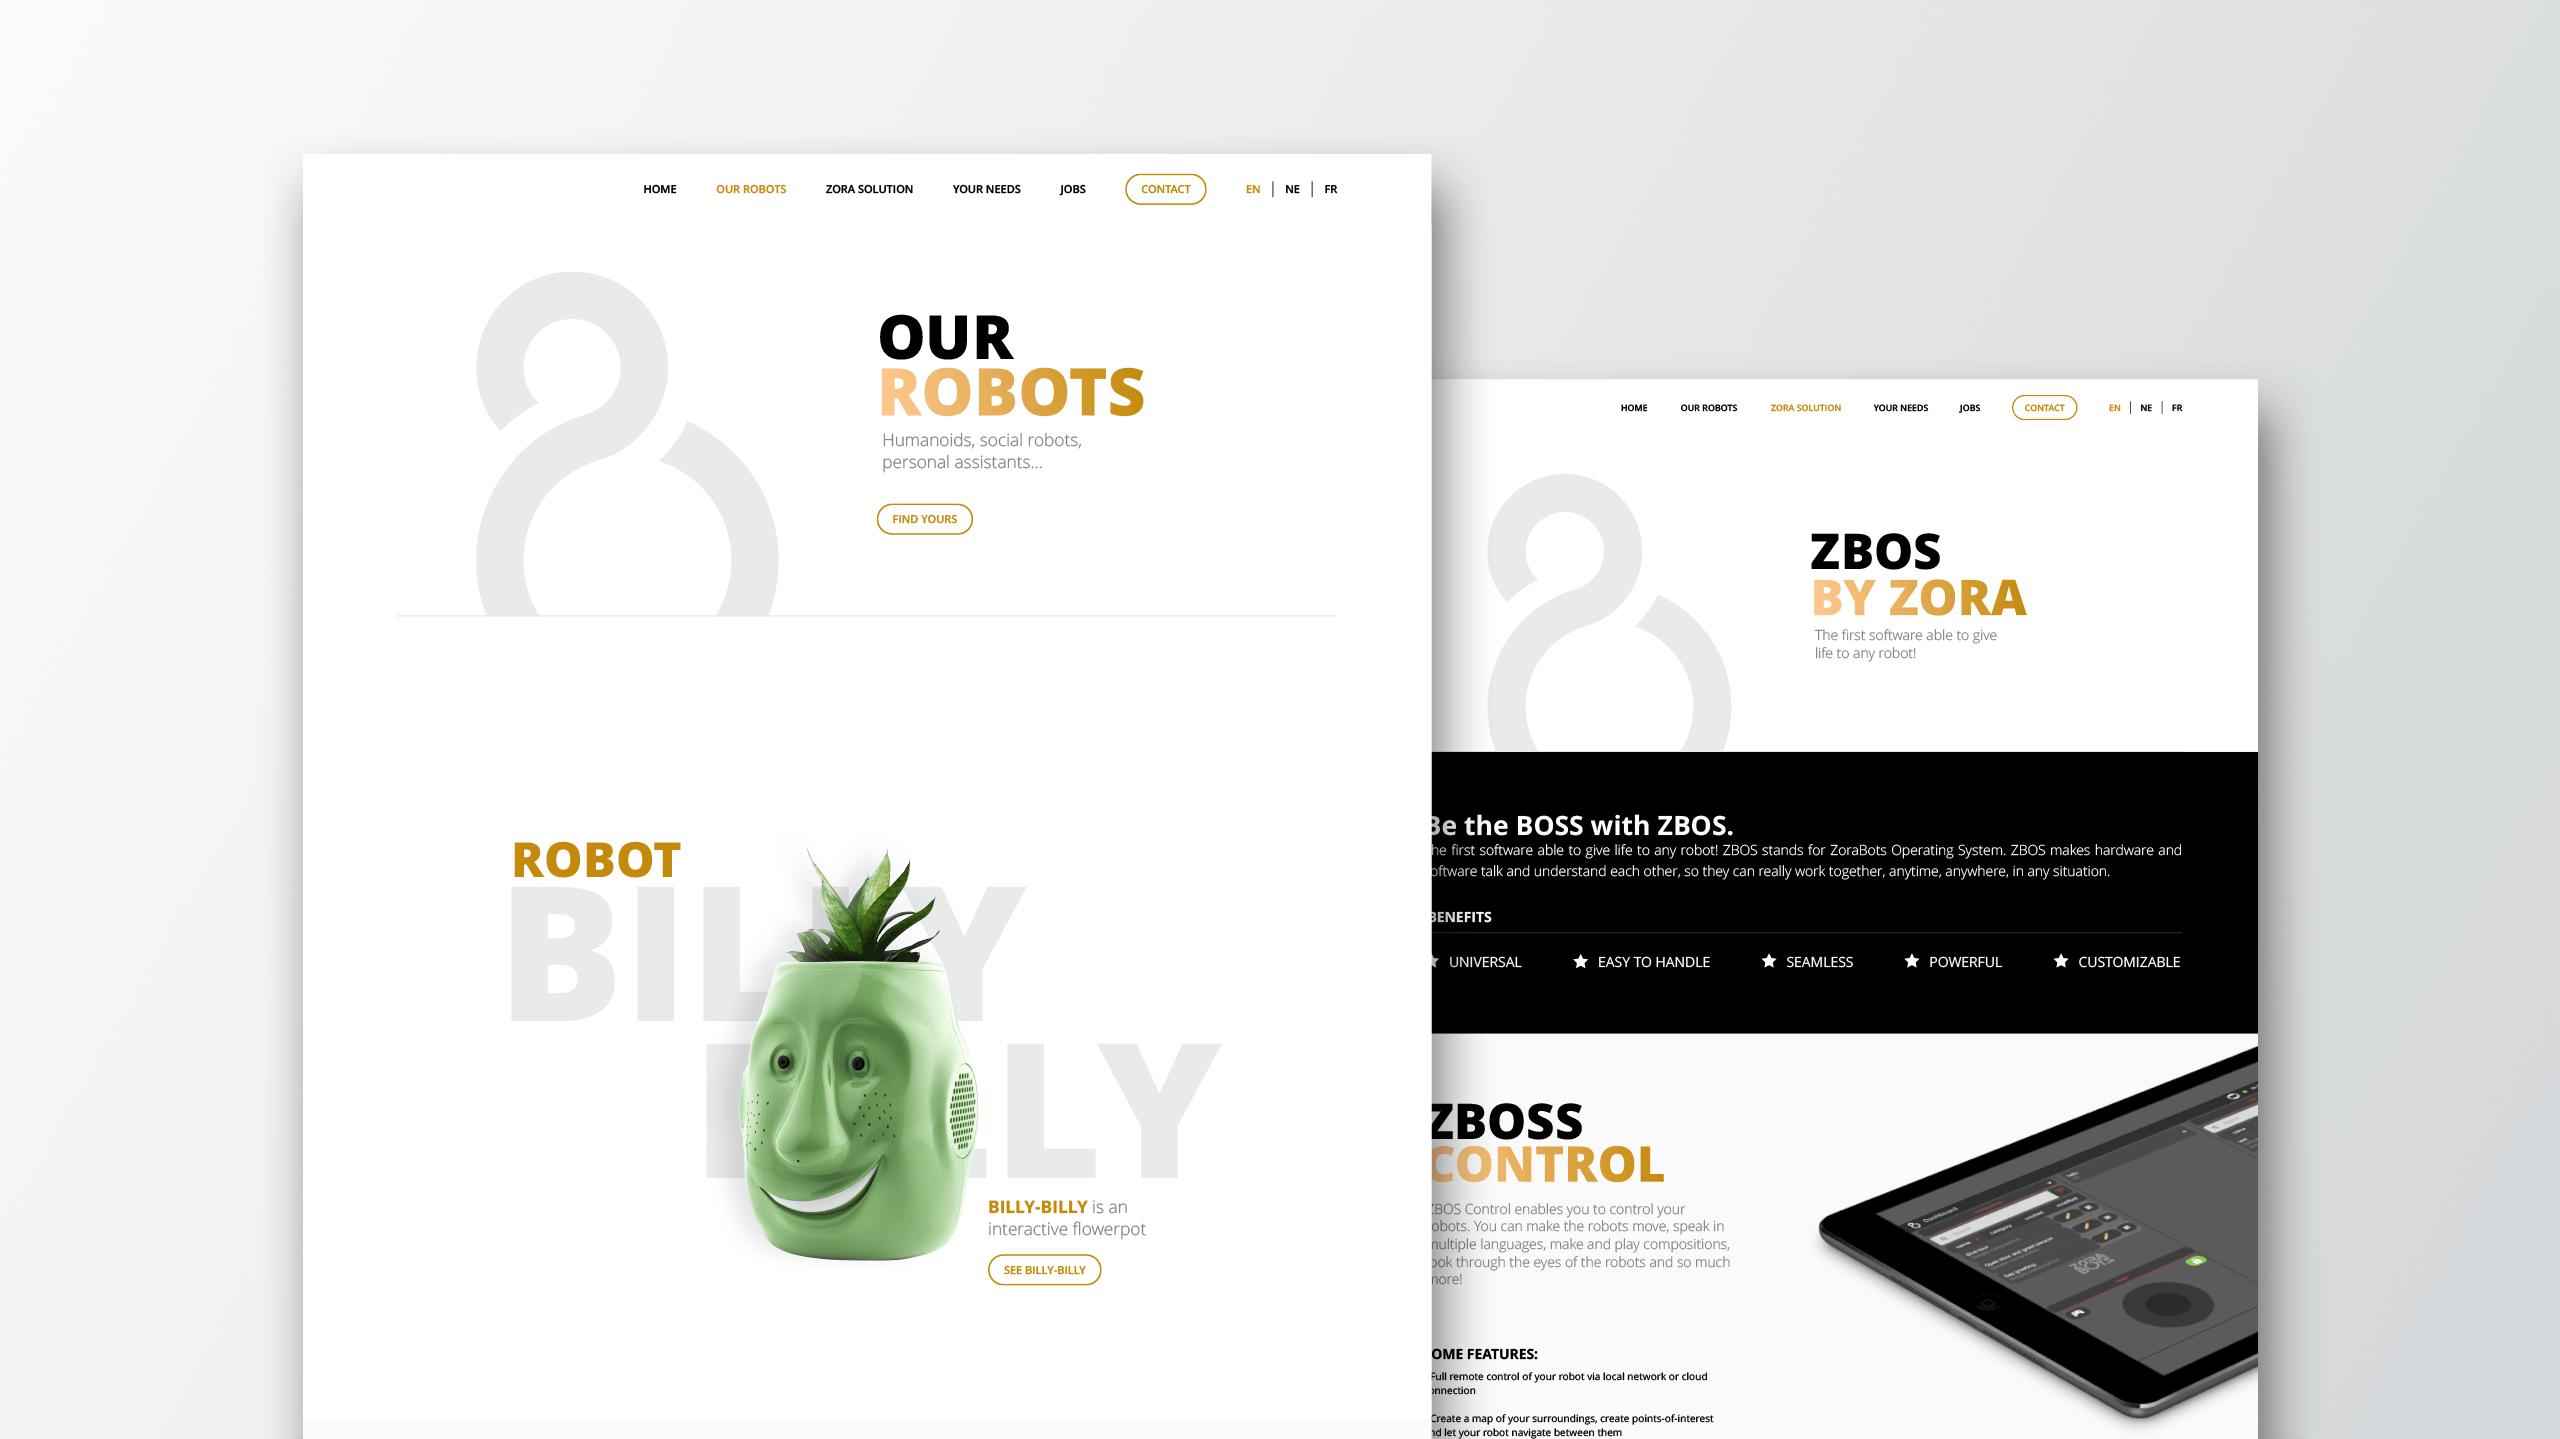 zorabots-webdesign-webdesigner-freelance-02